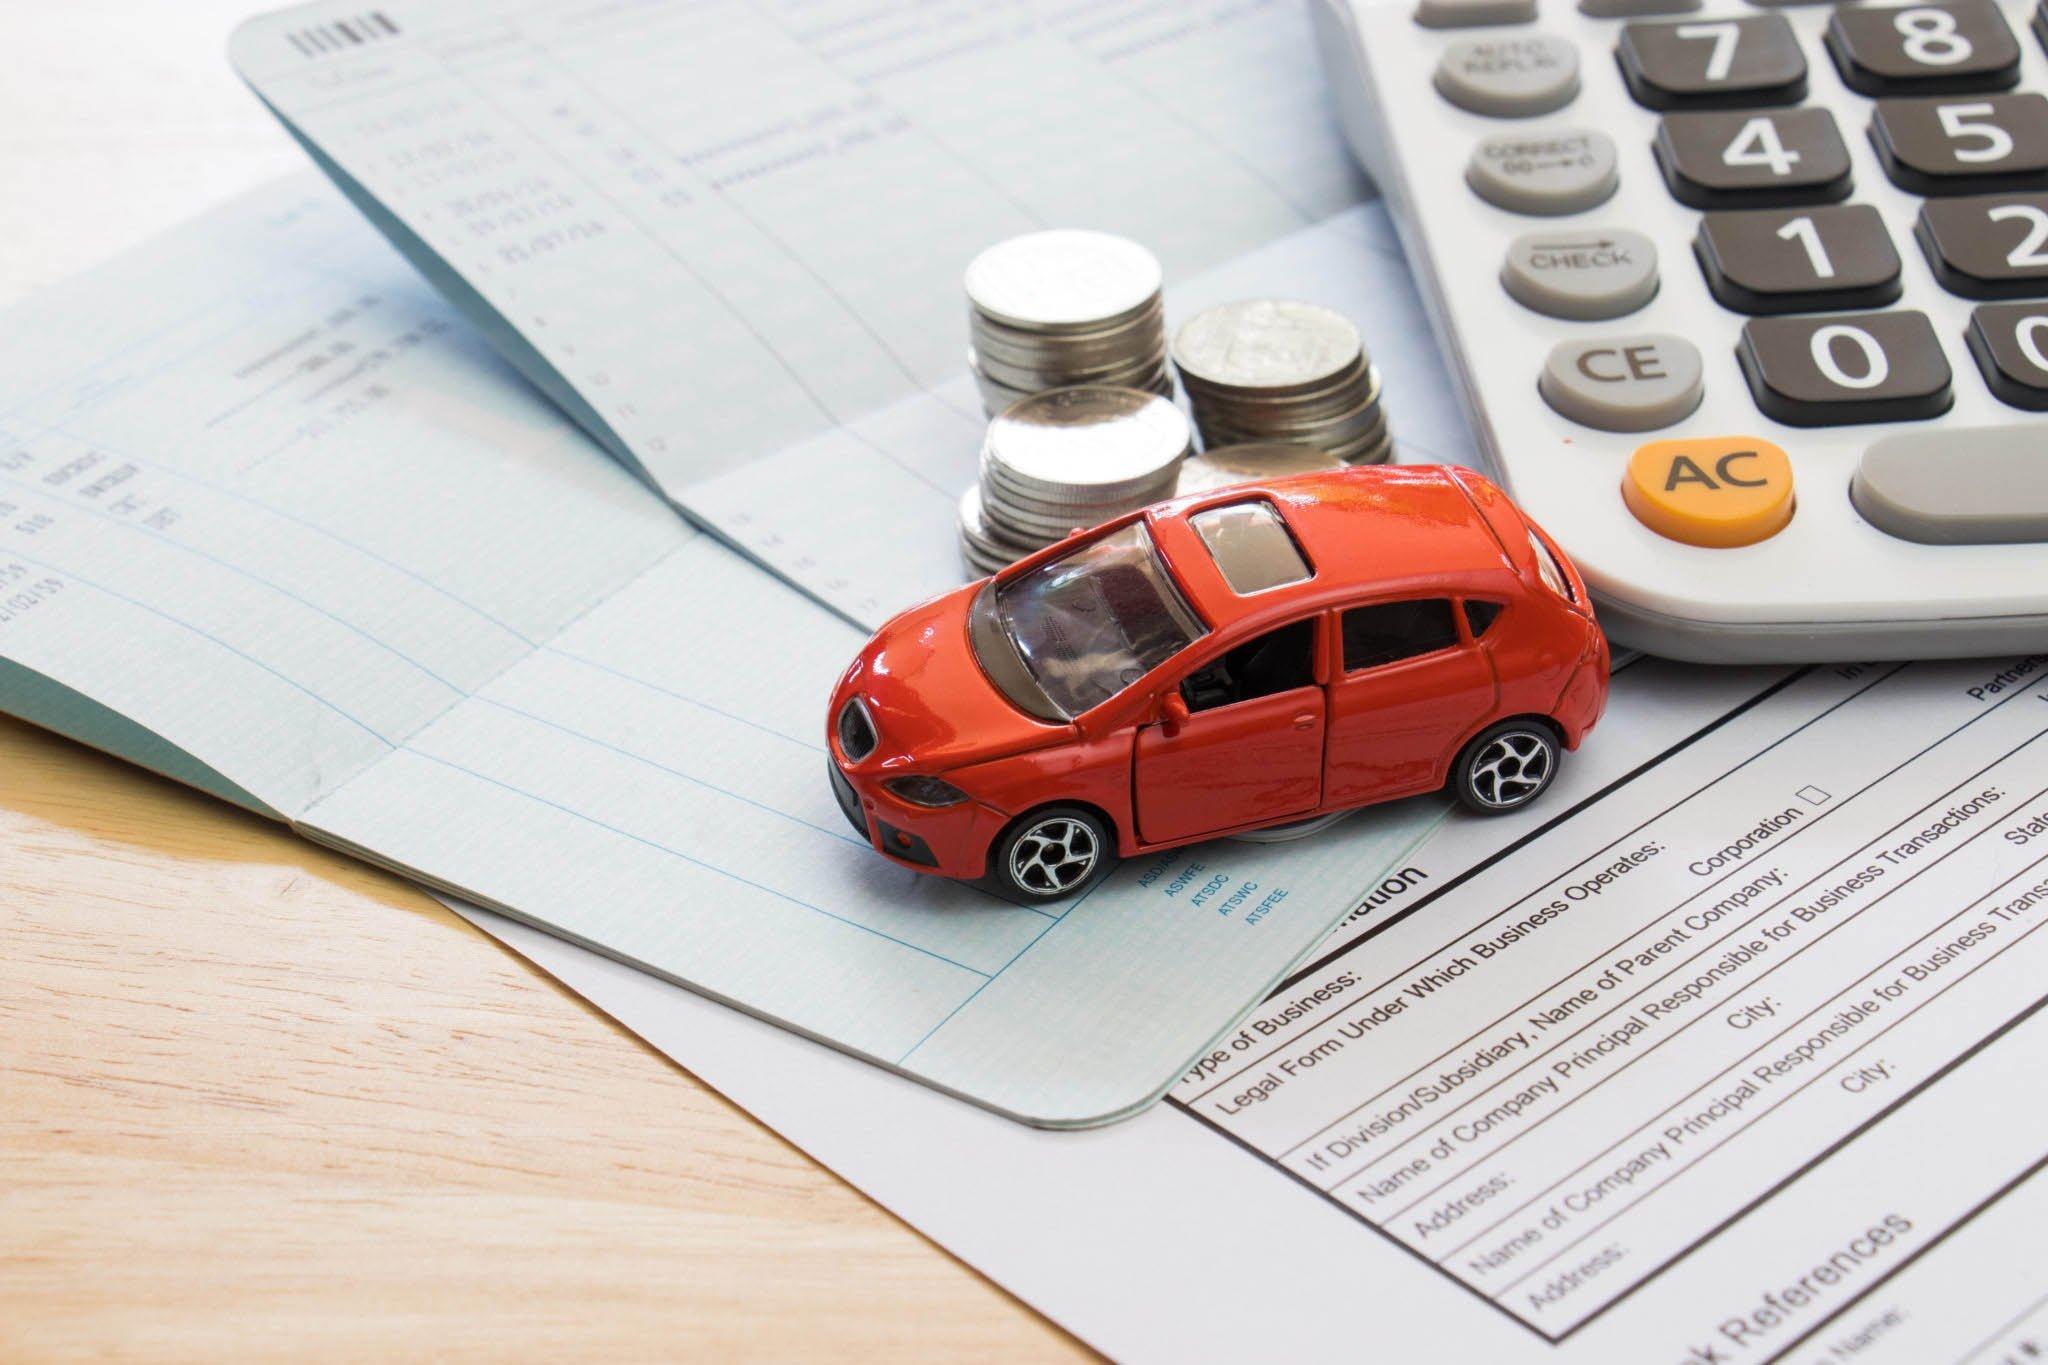 Правительство отказалось отменять транспортный налог в России